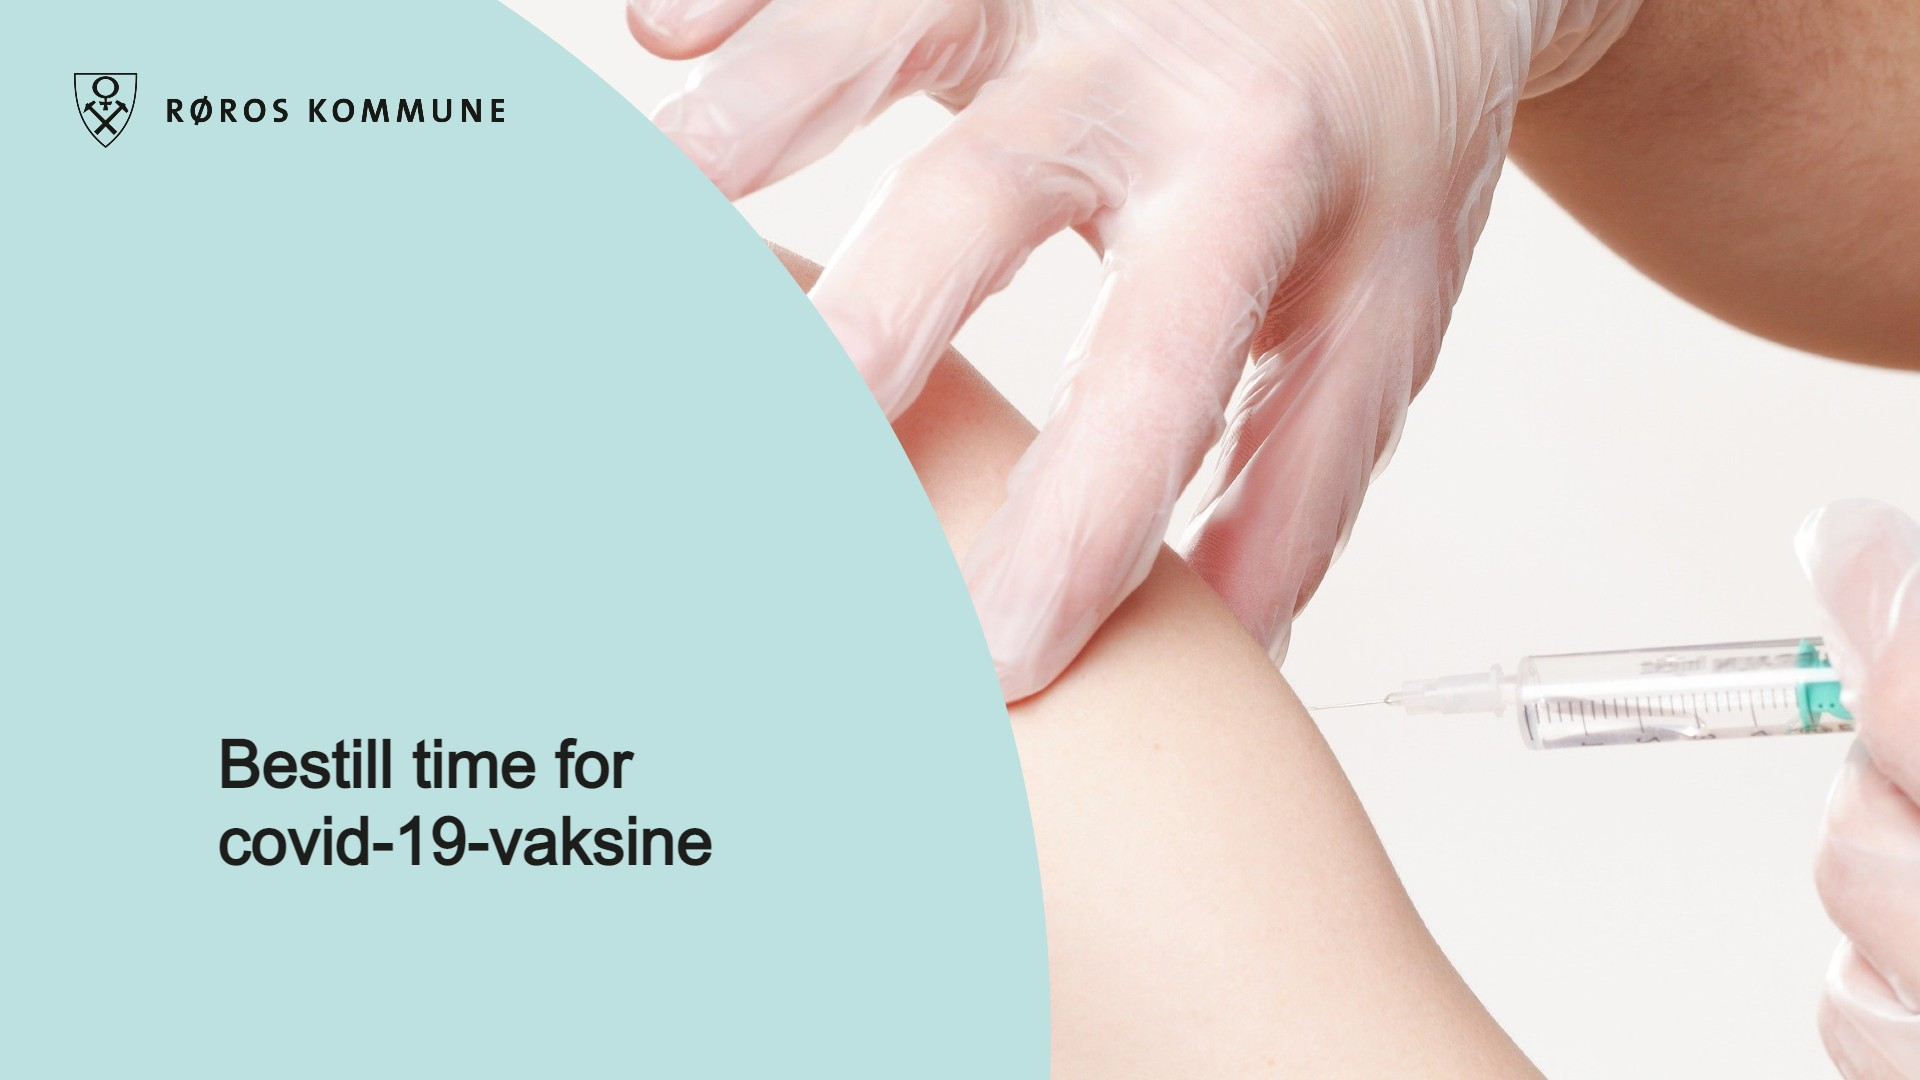 """bilde av hender som setter vaksinesprøyte i en skulder, med teksten """"bestill time for covid-19-vaksine"""""""